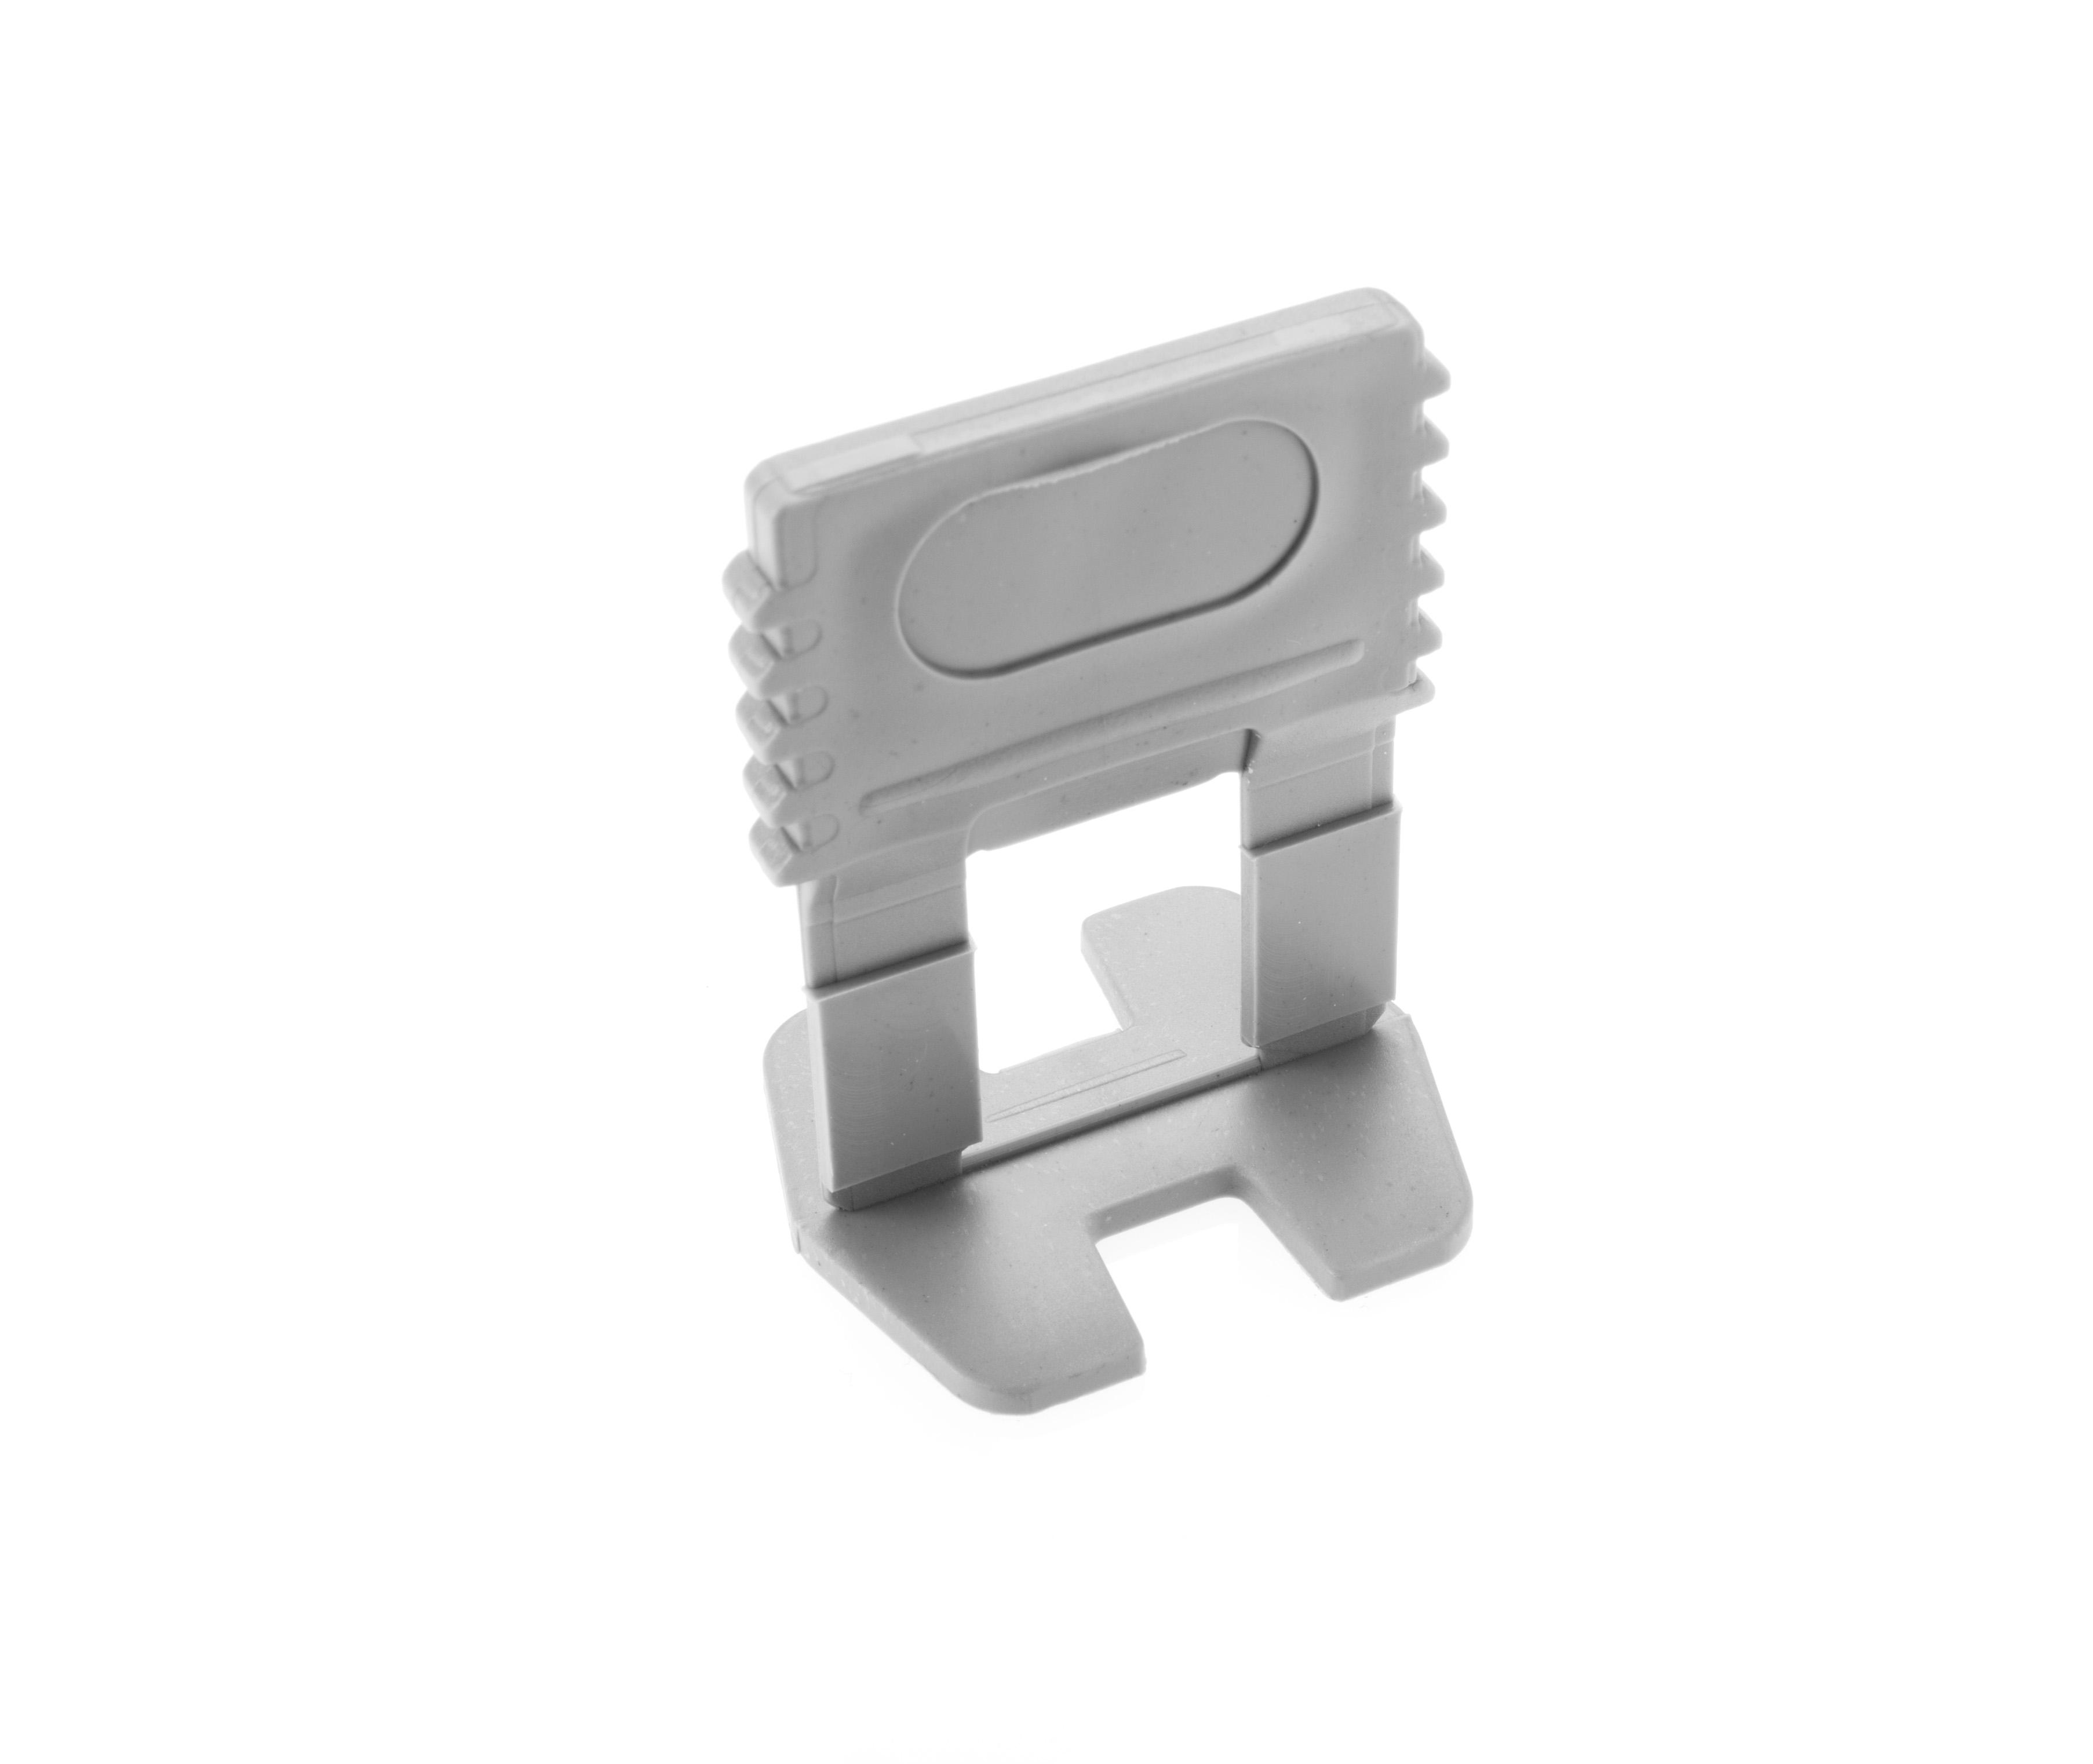 Sistema de nivelación: Bases con rosca estrecha  3mm-14mm